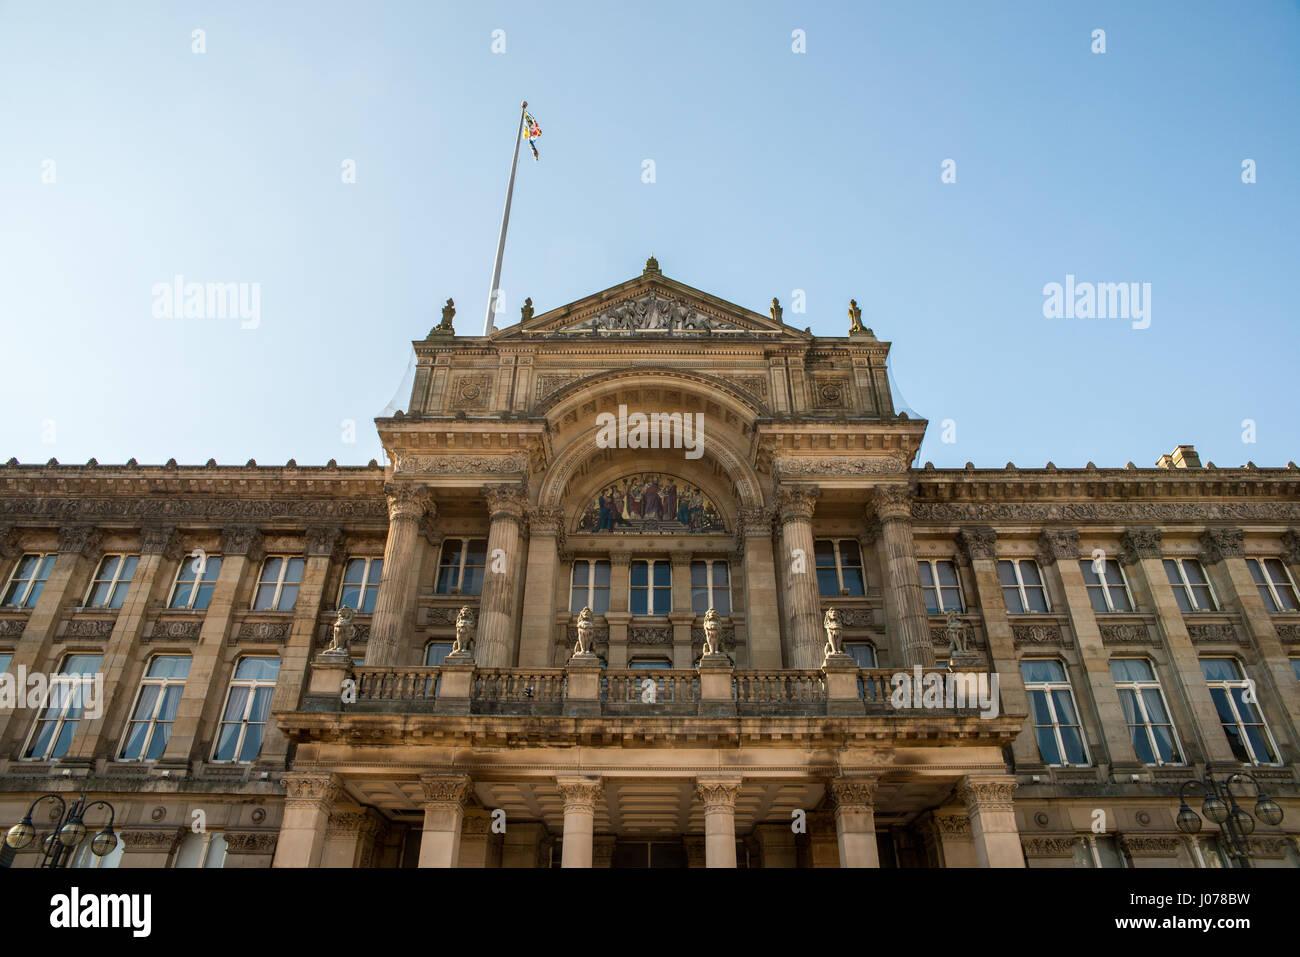 Architektur, Birmingham, Gebäude außen, Städte, Rathäuser, City-Lage, civic, Farbbild, Rathaus, Stockbild